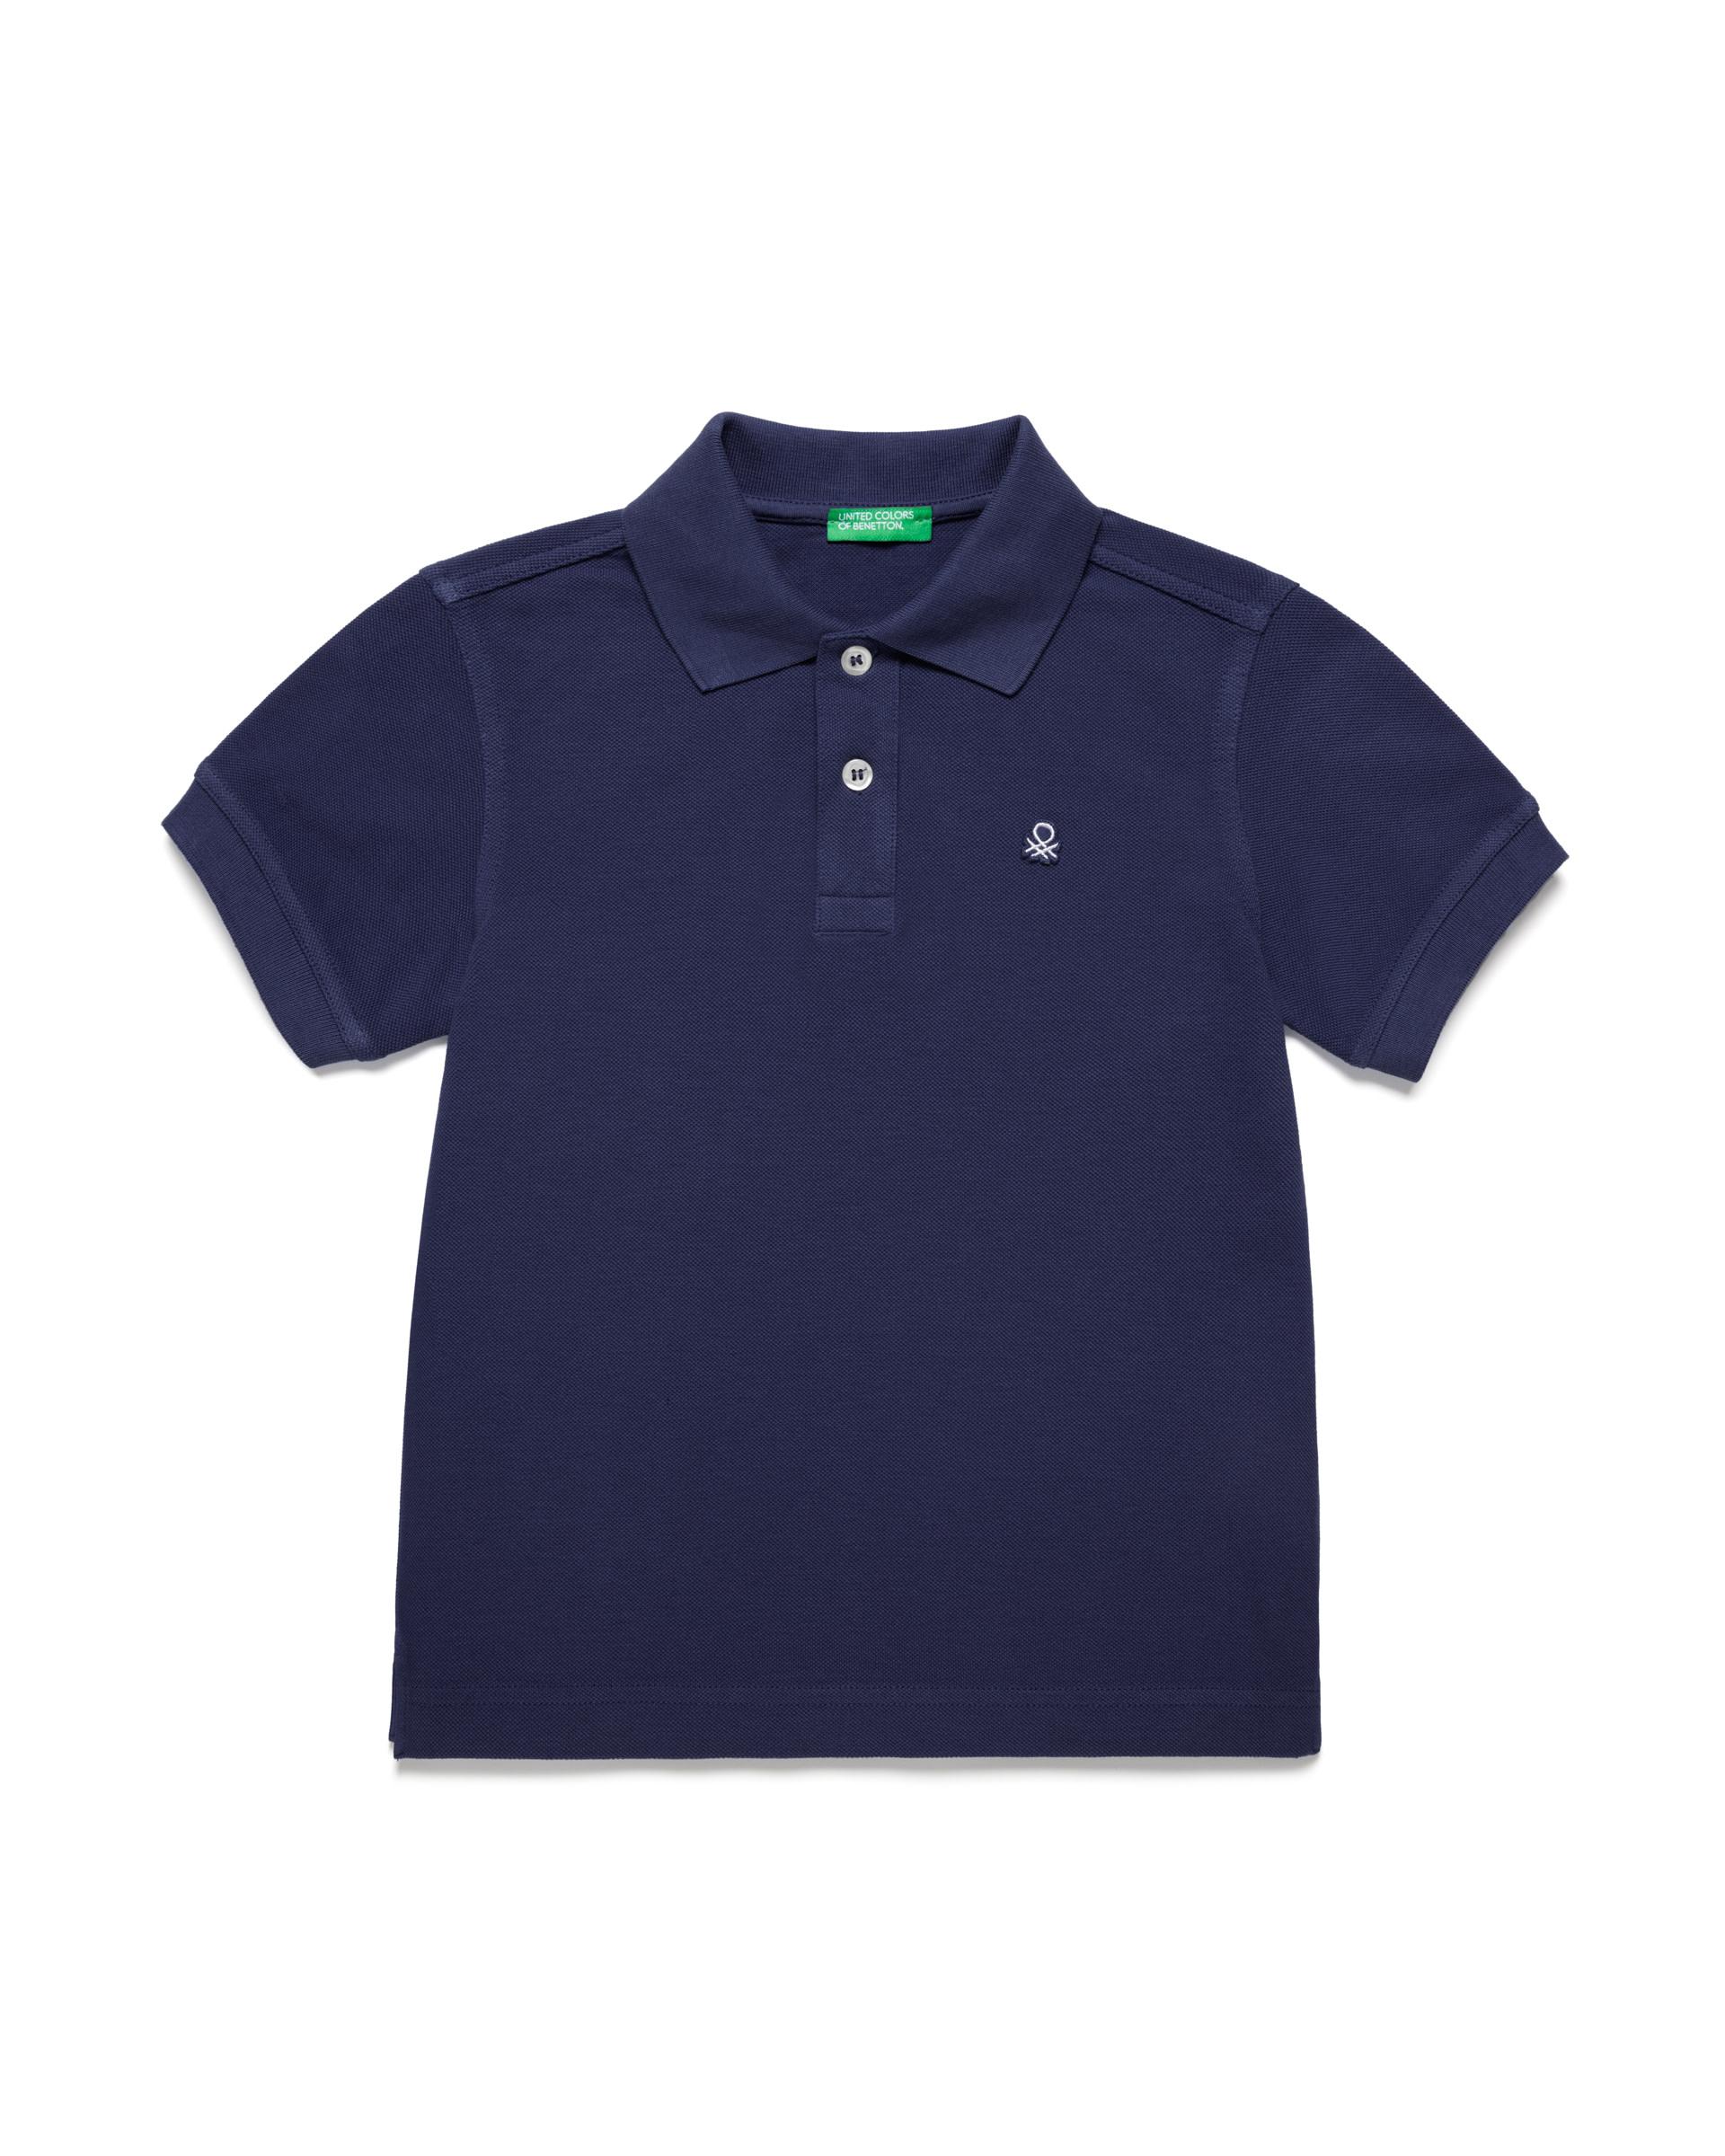 Купить 20P_3089C3091_252, Поло-пике для мальчиков Benetton 3089C3091_252 р-р 80, United Colors of Benetton, Кофточки, футболки для новорожденных